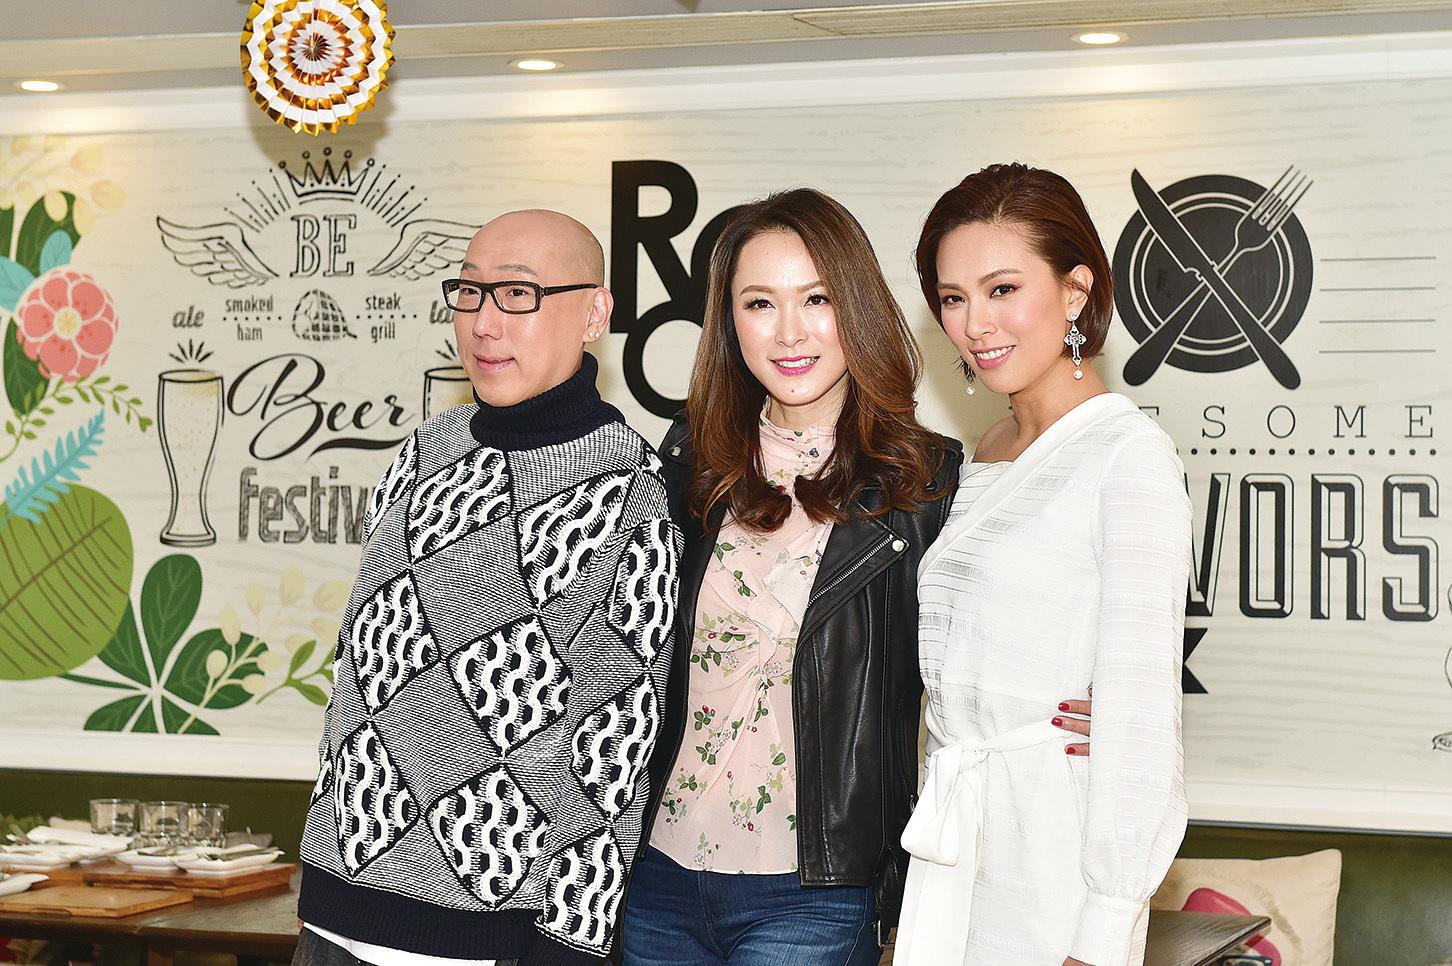 張學潤(左)、童愛玲(中)及朱慧敏(右)出席舞台劇記者招待會。(郭威利/大紀元)